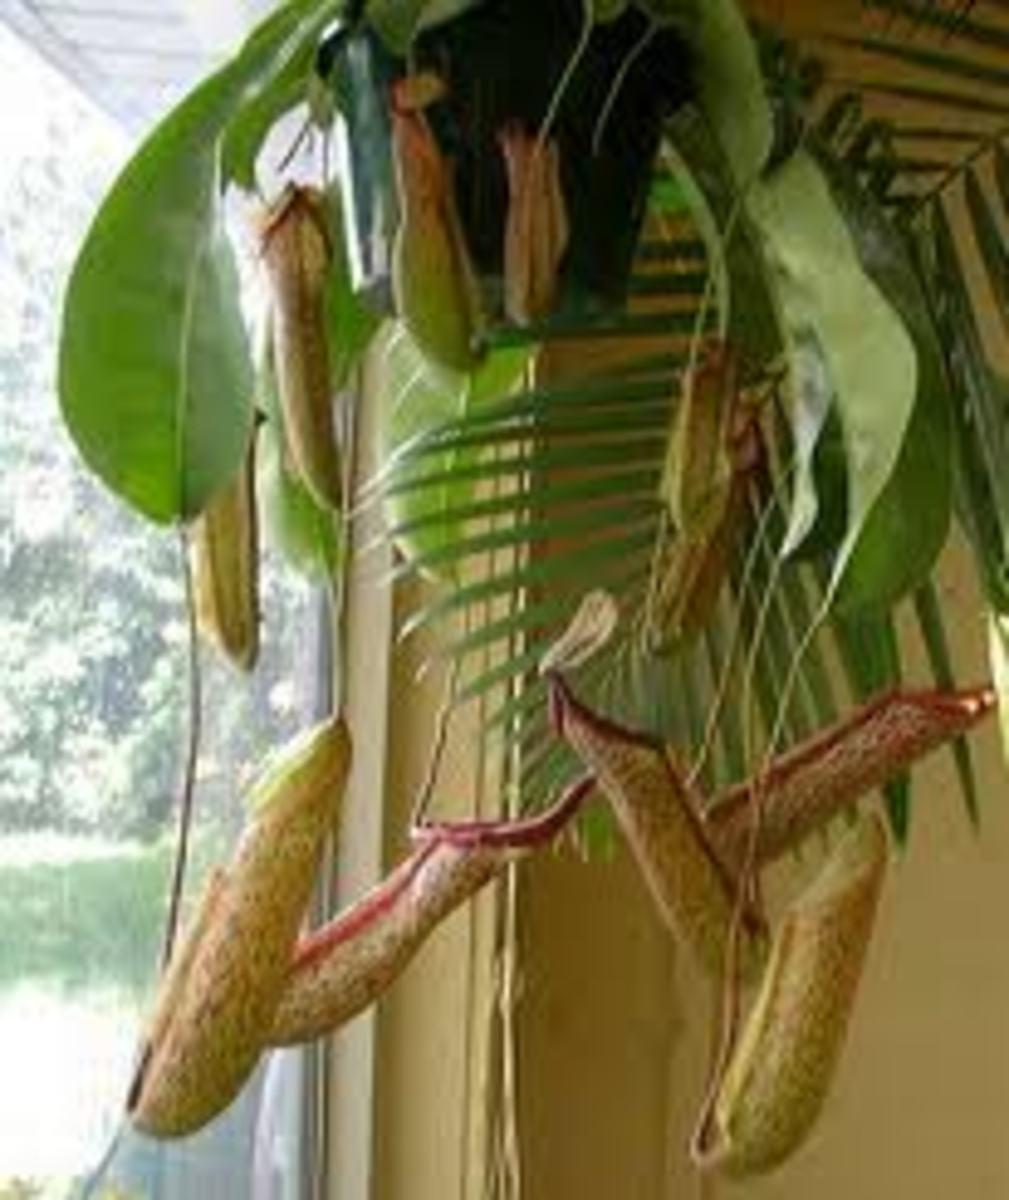 A nepenthes cultivar, probably a hybrid.